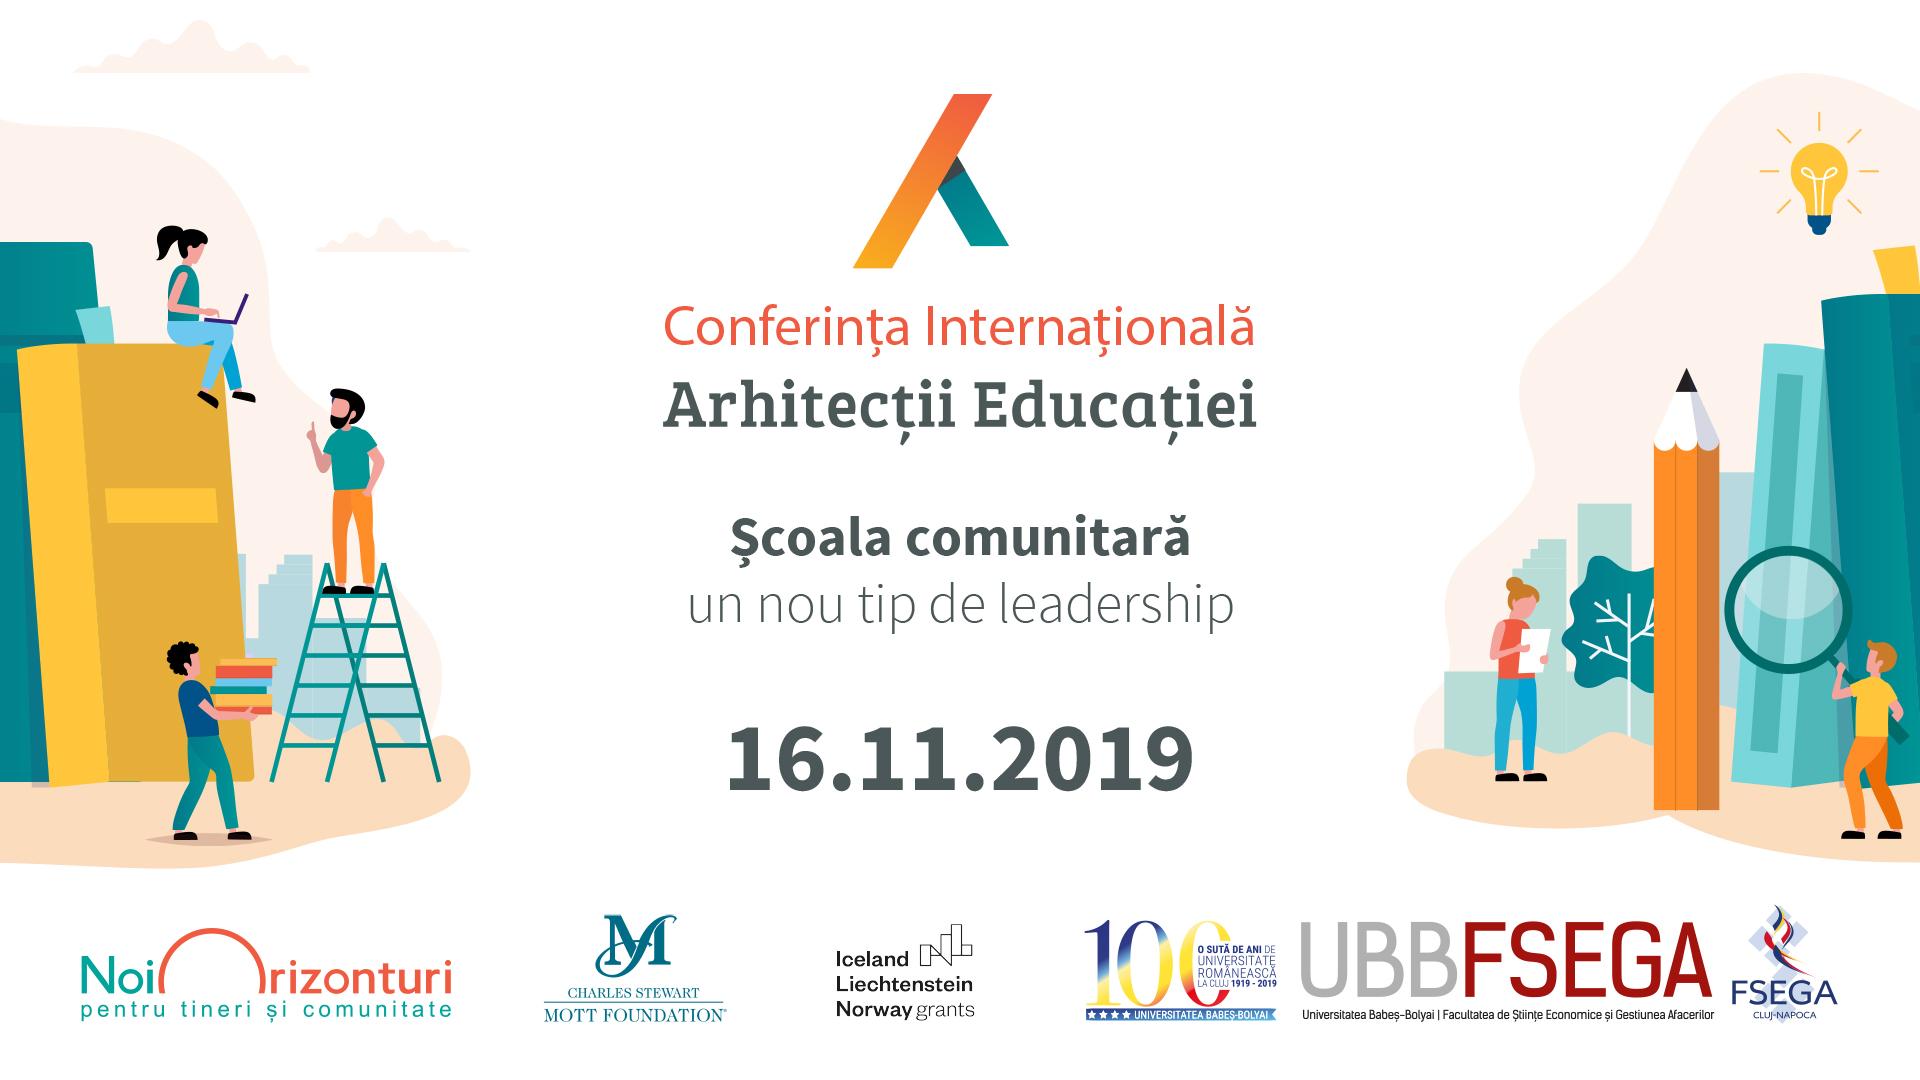 350 directori și actori în educație participă la Conferința Internațională Arhitecții Educației  pentru a dezvolta școala din România